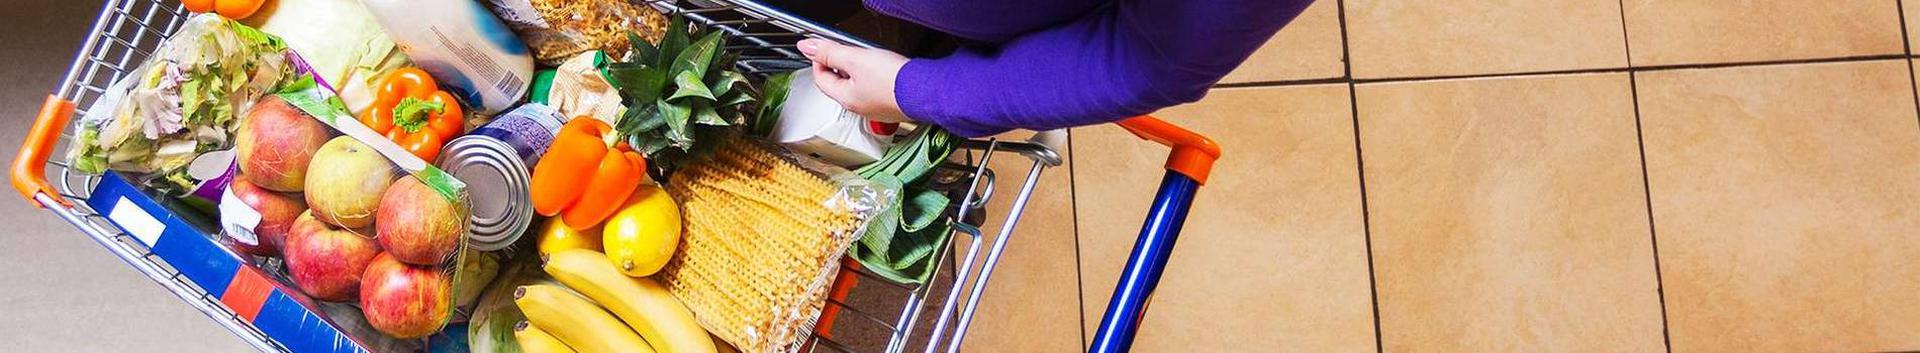 47111_toidukaupade-jaemuuk_64120117_xl.jpg